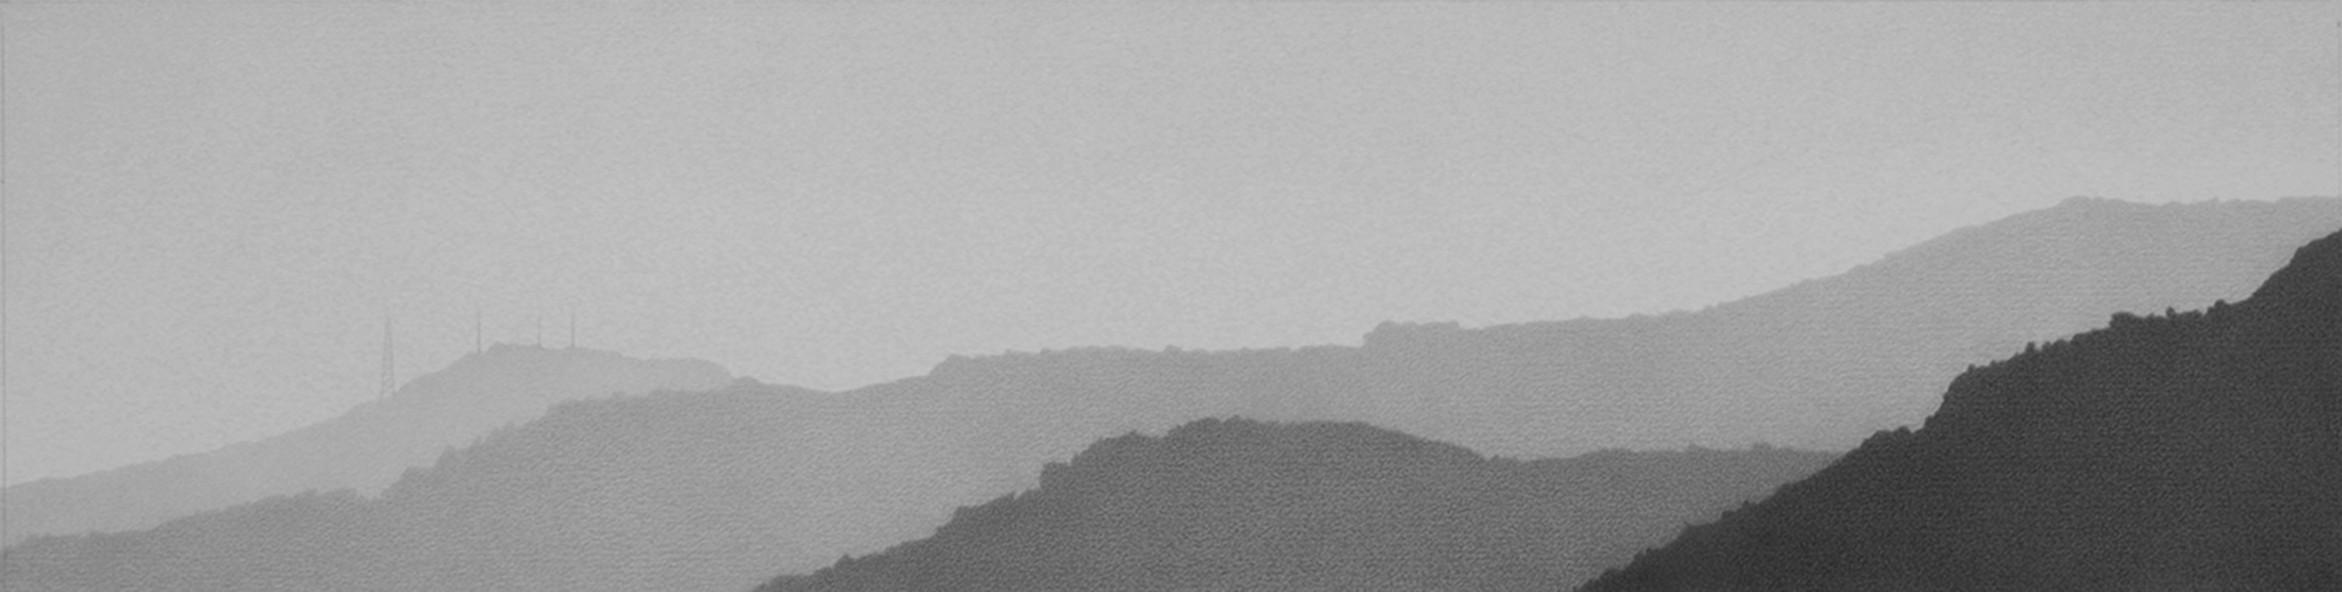 Cerros orientales desde Estudio 39 5 grafito sobre papel 11.7 x 46.3 cm